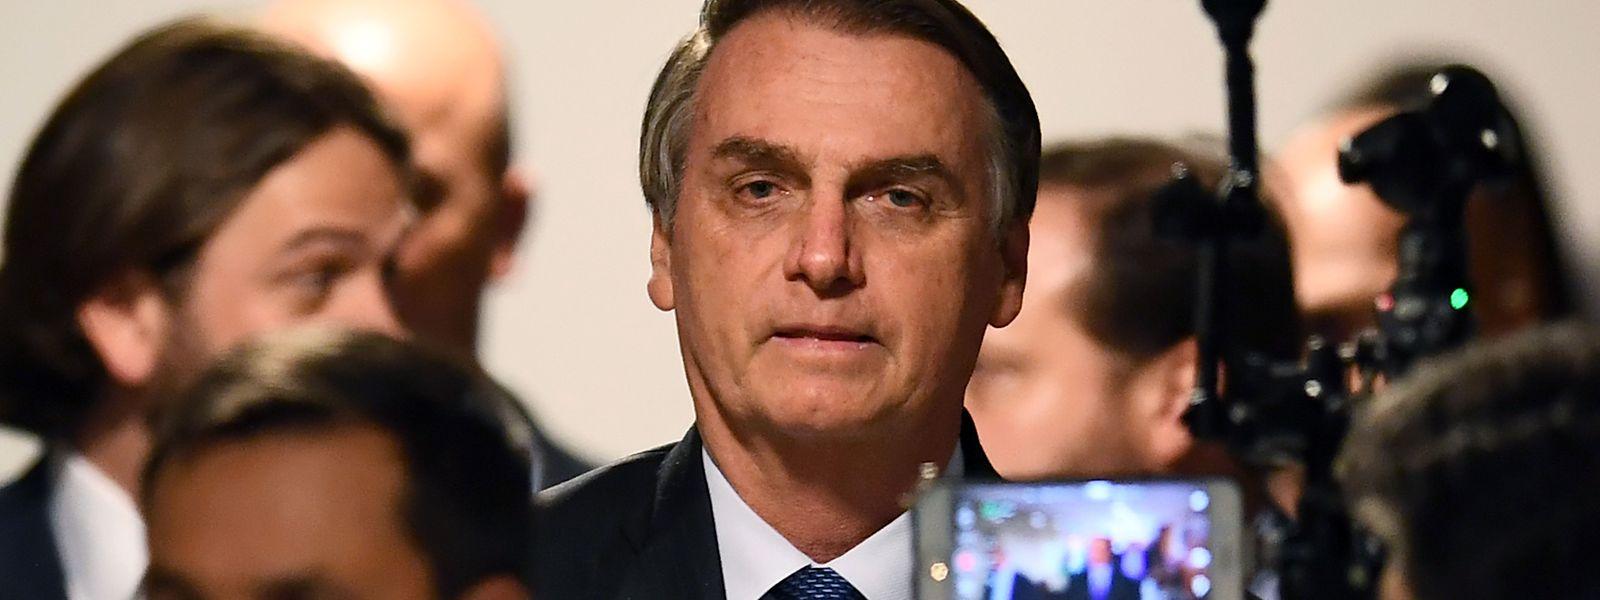 Der brasilianische Präsident Jair Bolsonaro ist erst seit 100 Tagen im Amt – begleitet von zahlreichen Ausrutschern.